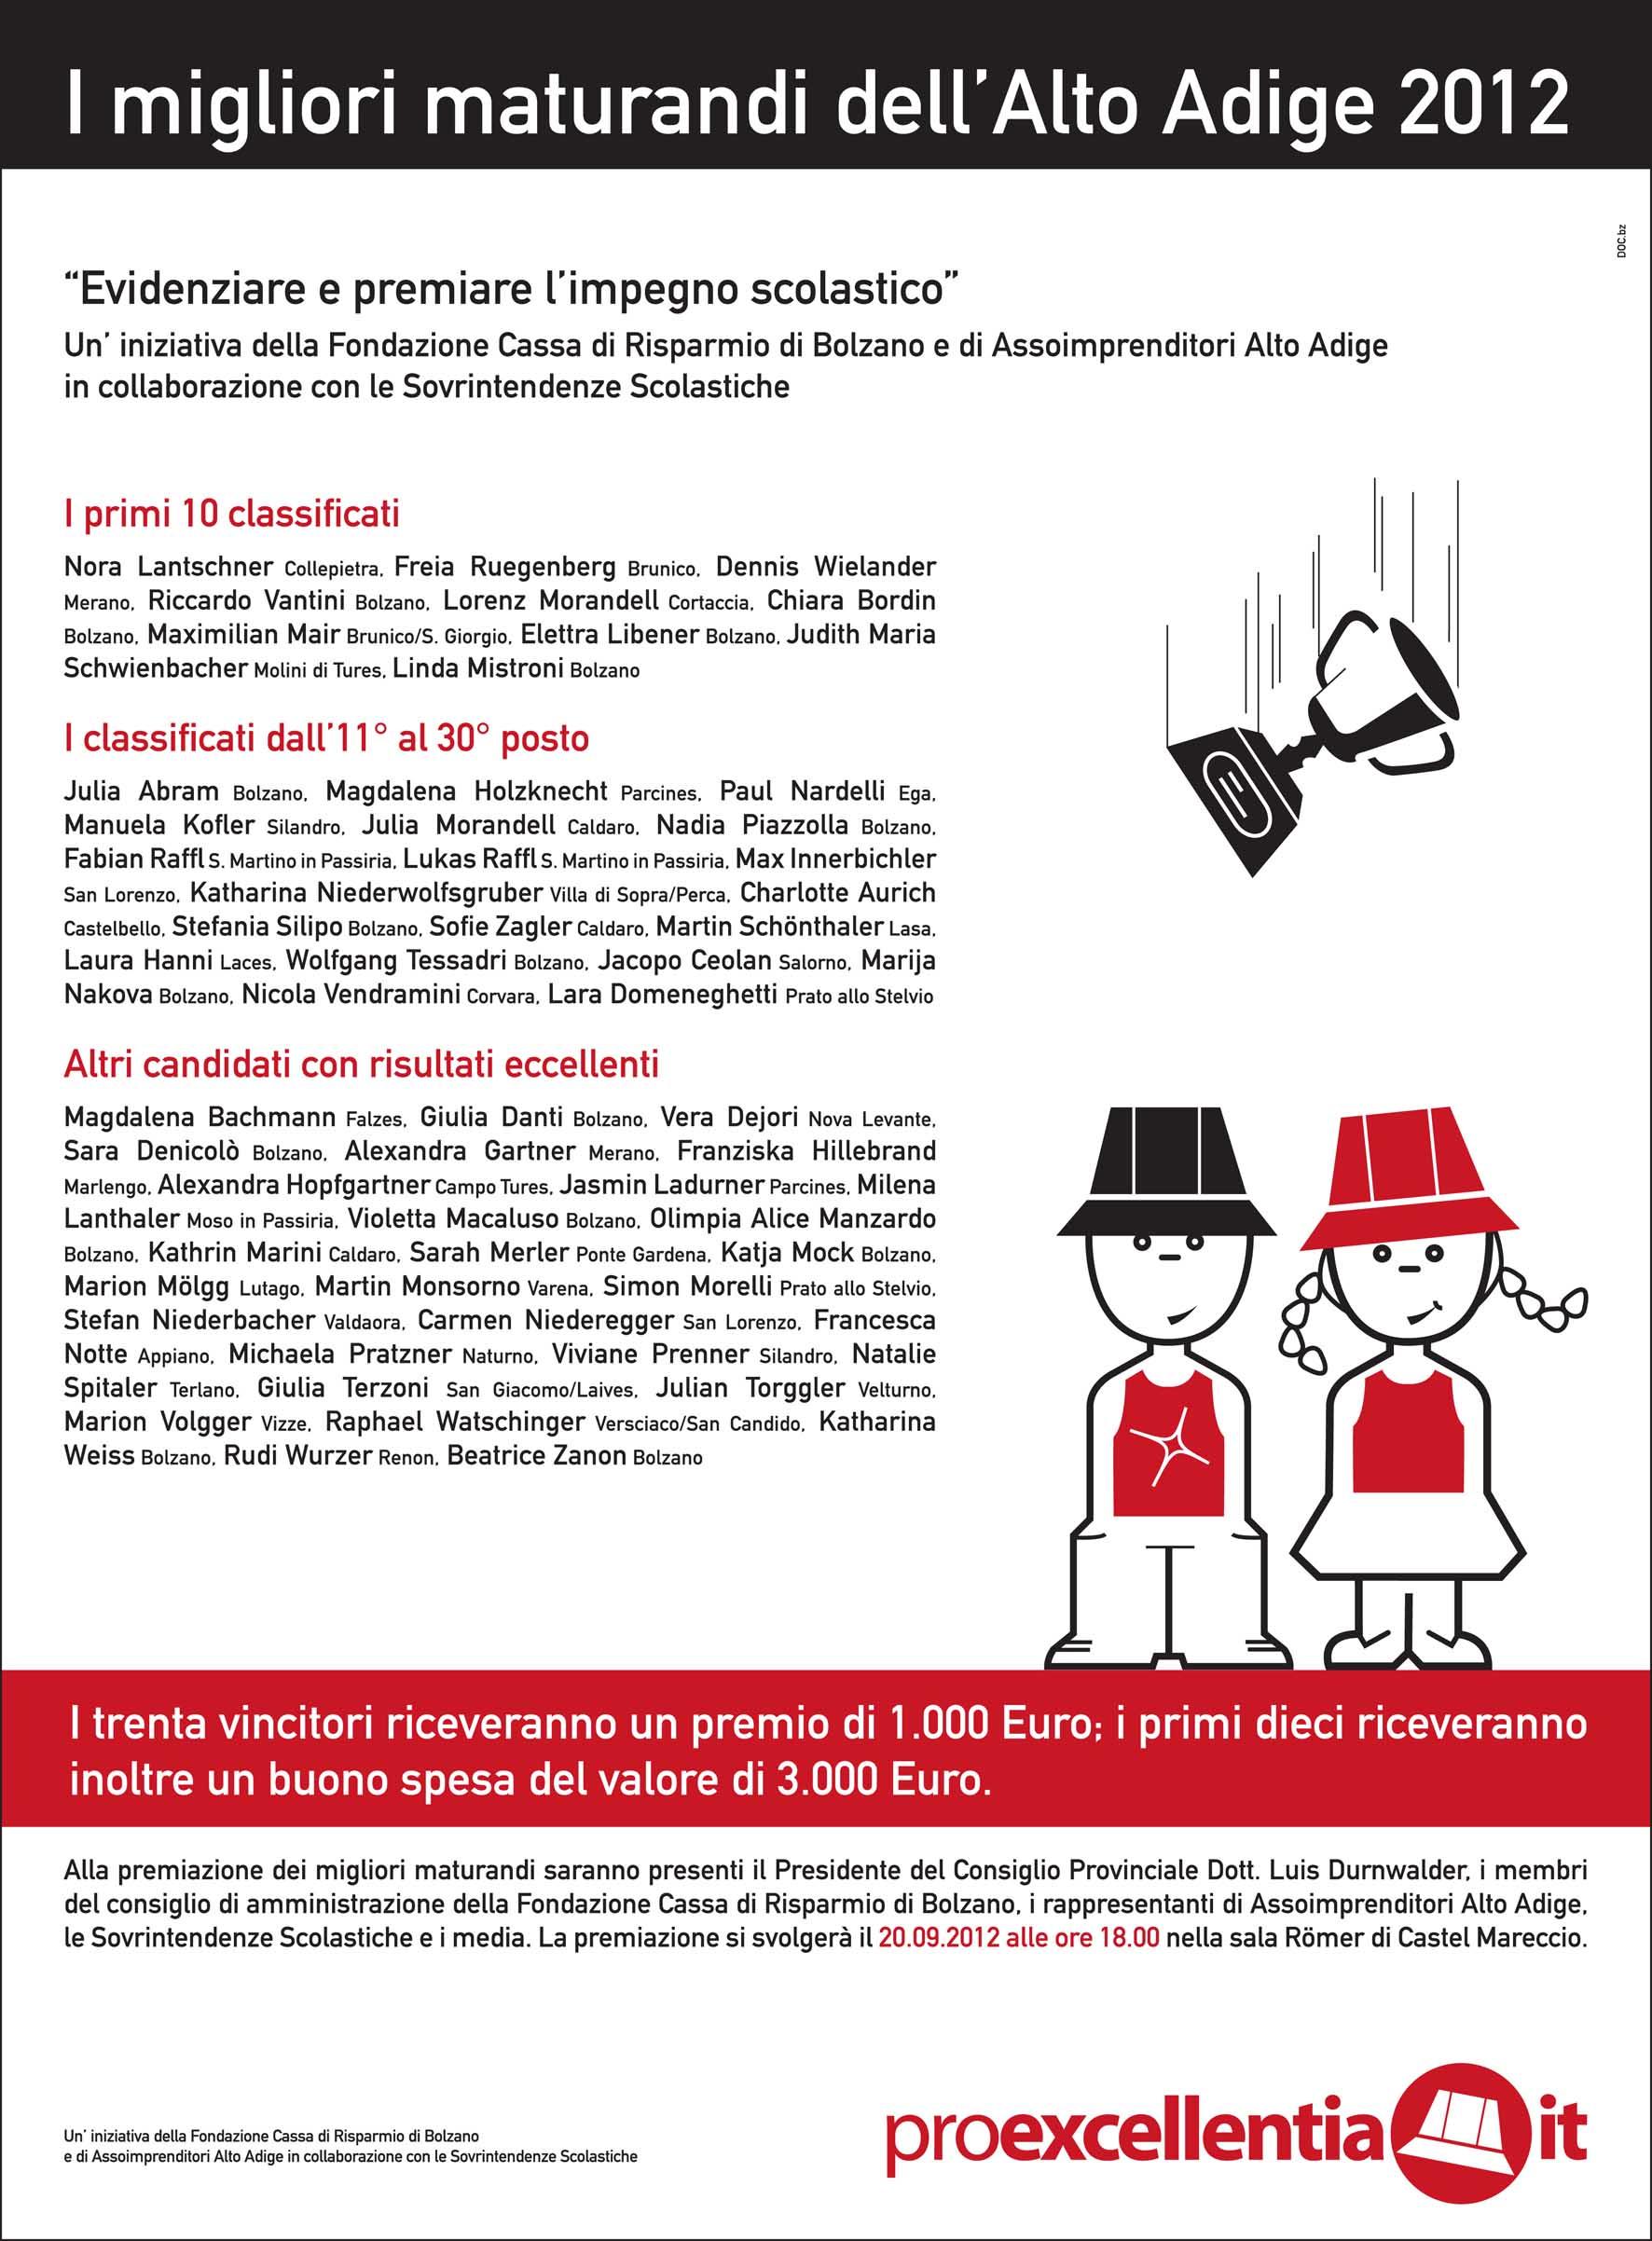 annuncio maturandi 2012 1